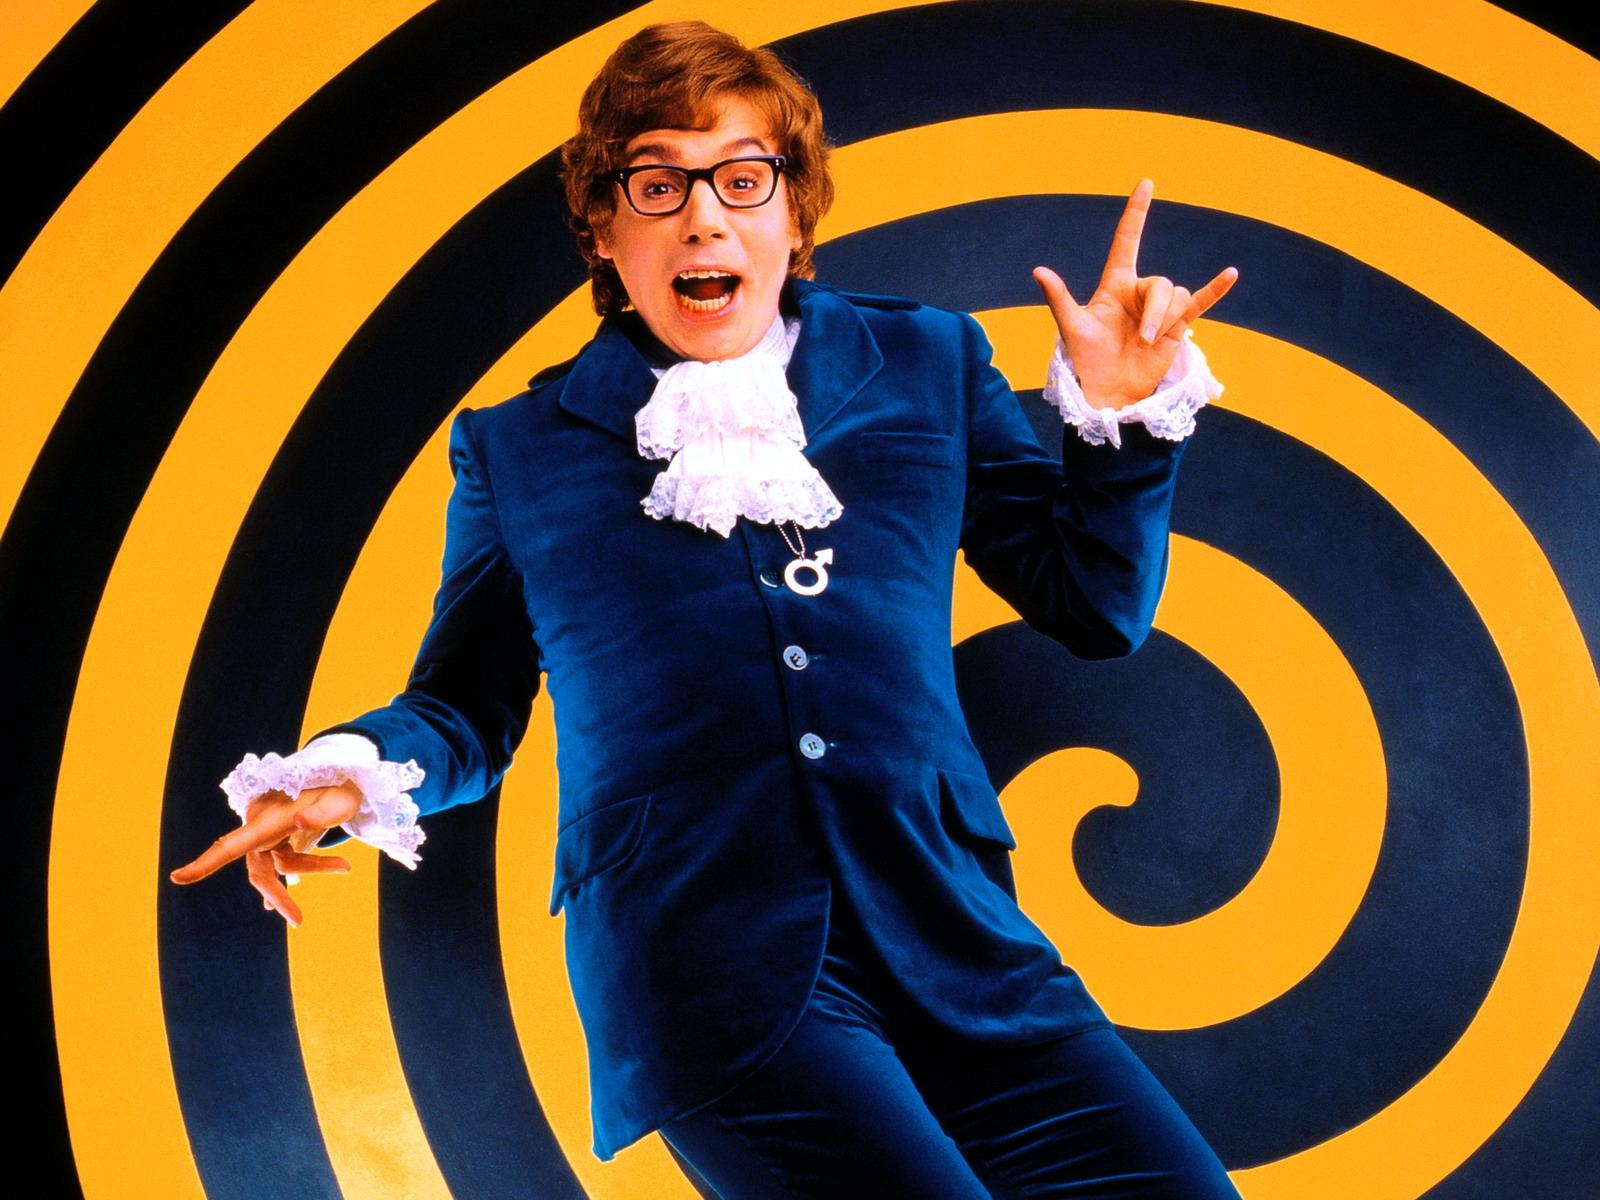 Austin Powers - l'espion qui m'a tir_e